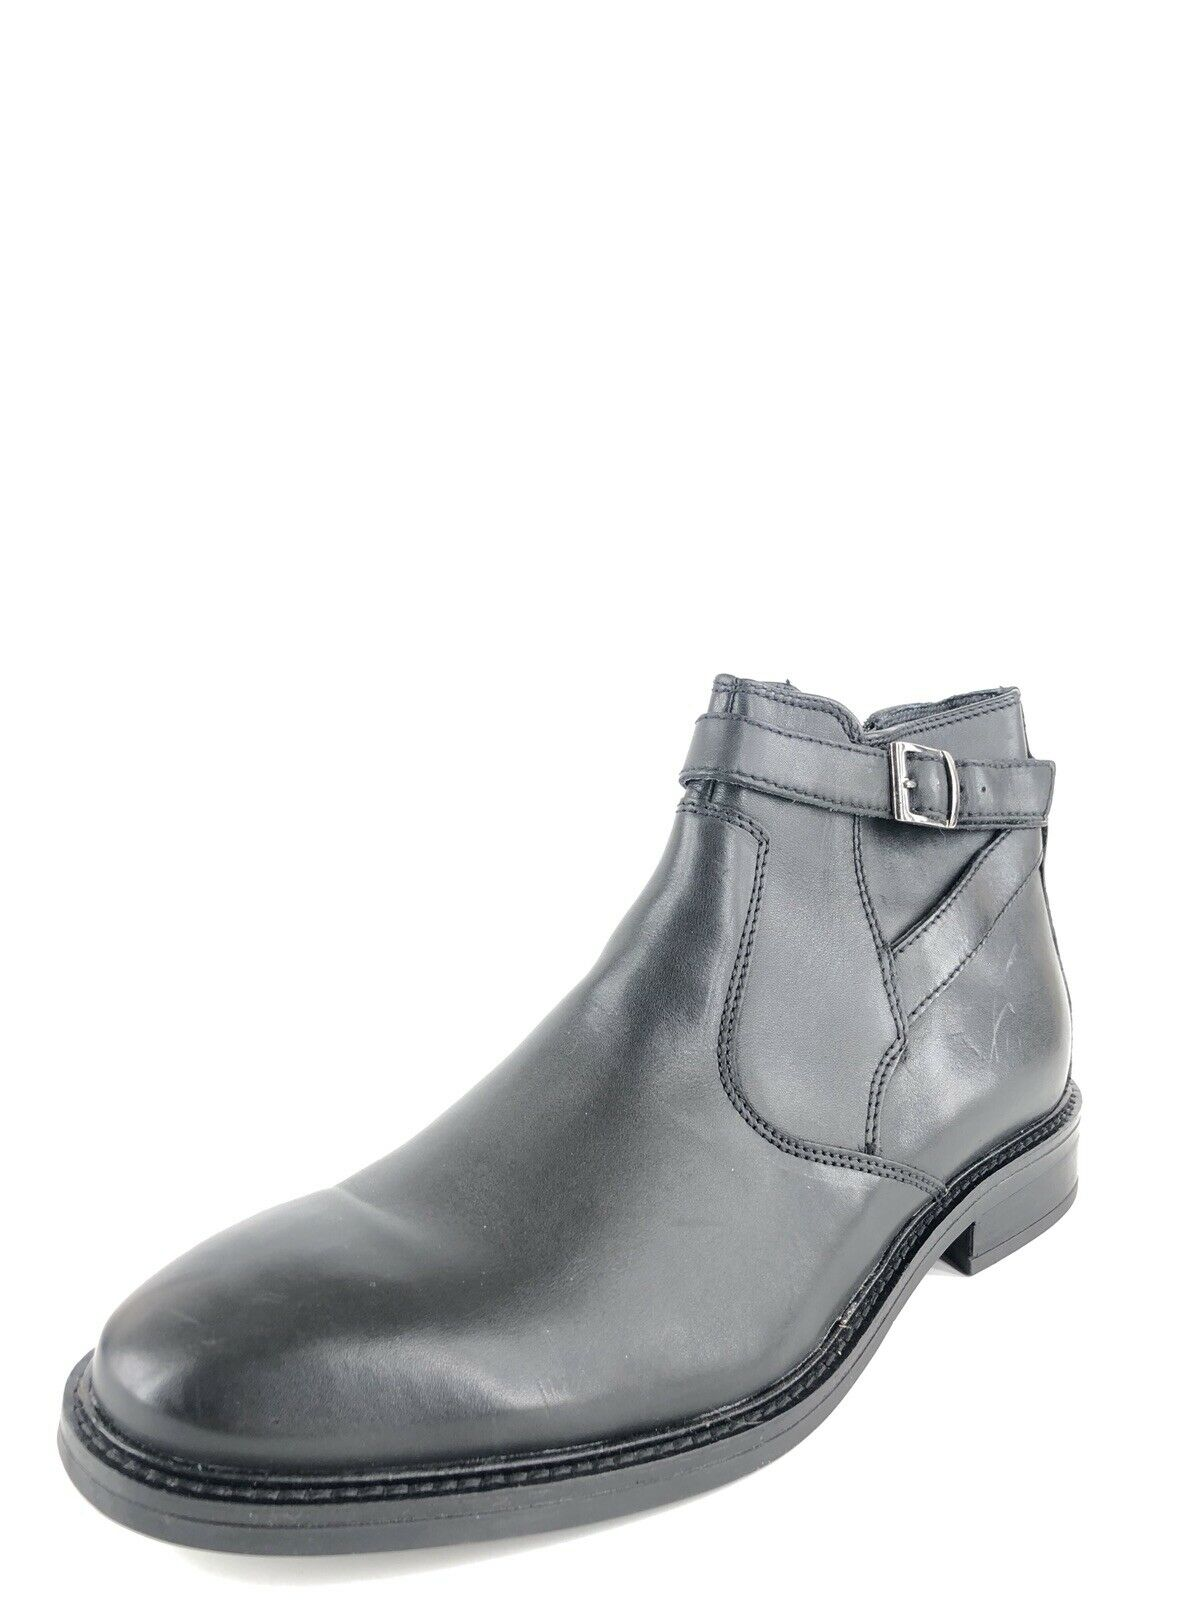 best-seller Alfani Noah Noah Noah Side Strap avvio nero Leather Dress scarpe Uomo Dimensione 11.5 M   alta qualità e spedizione veloce